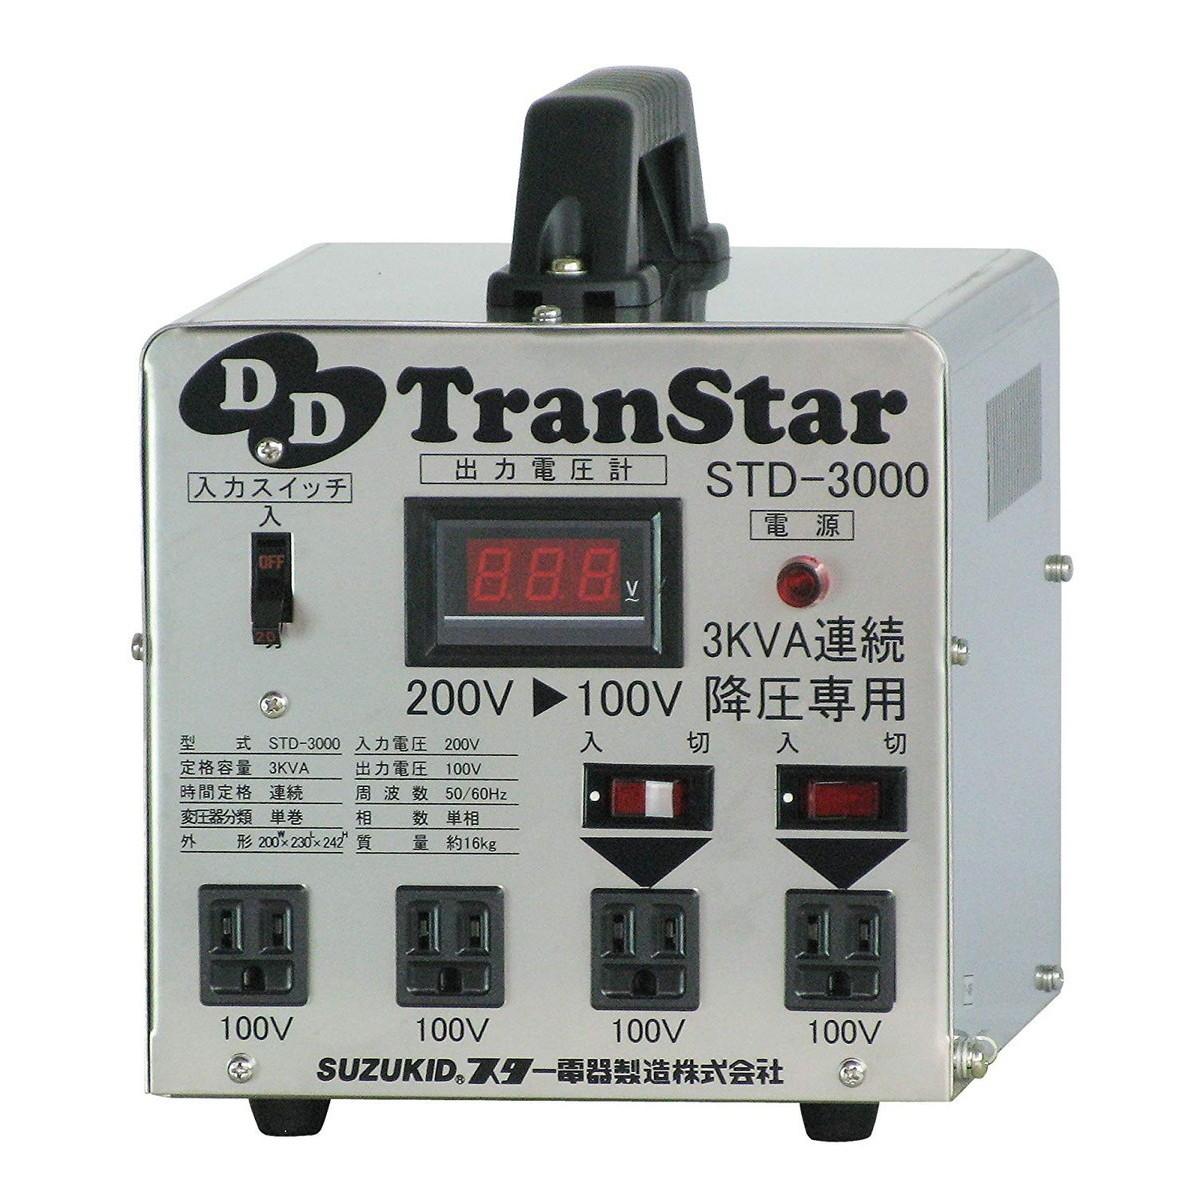 スズキッド(SUZUKID) 降圧器 DDトランスター STD-3000